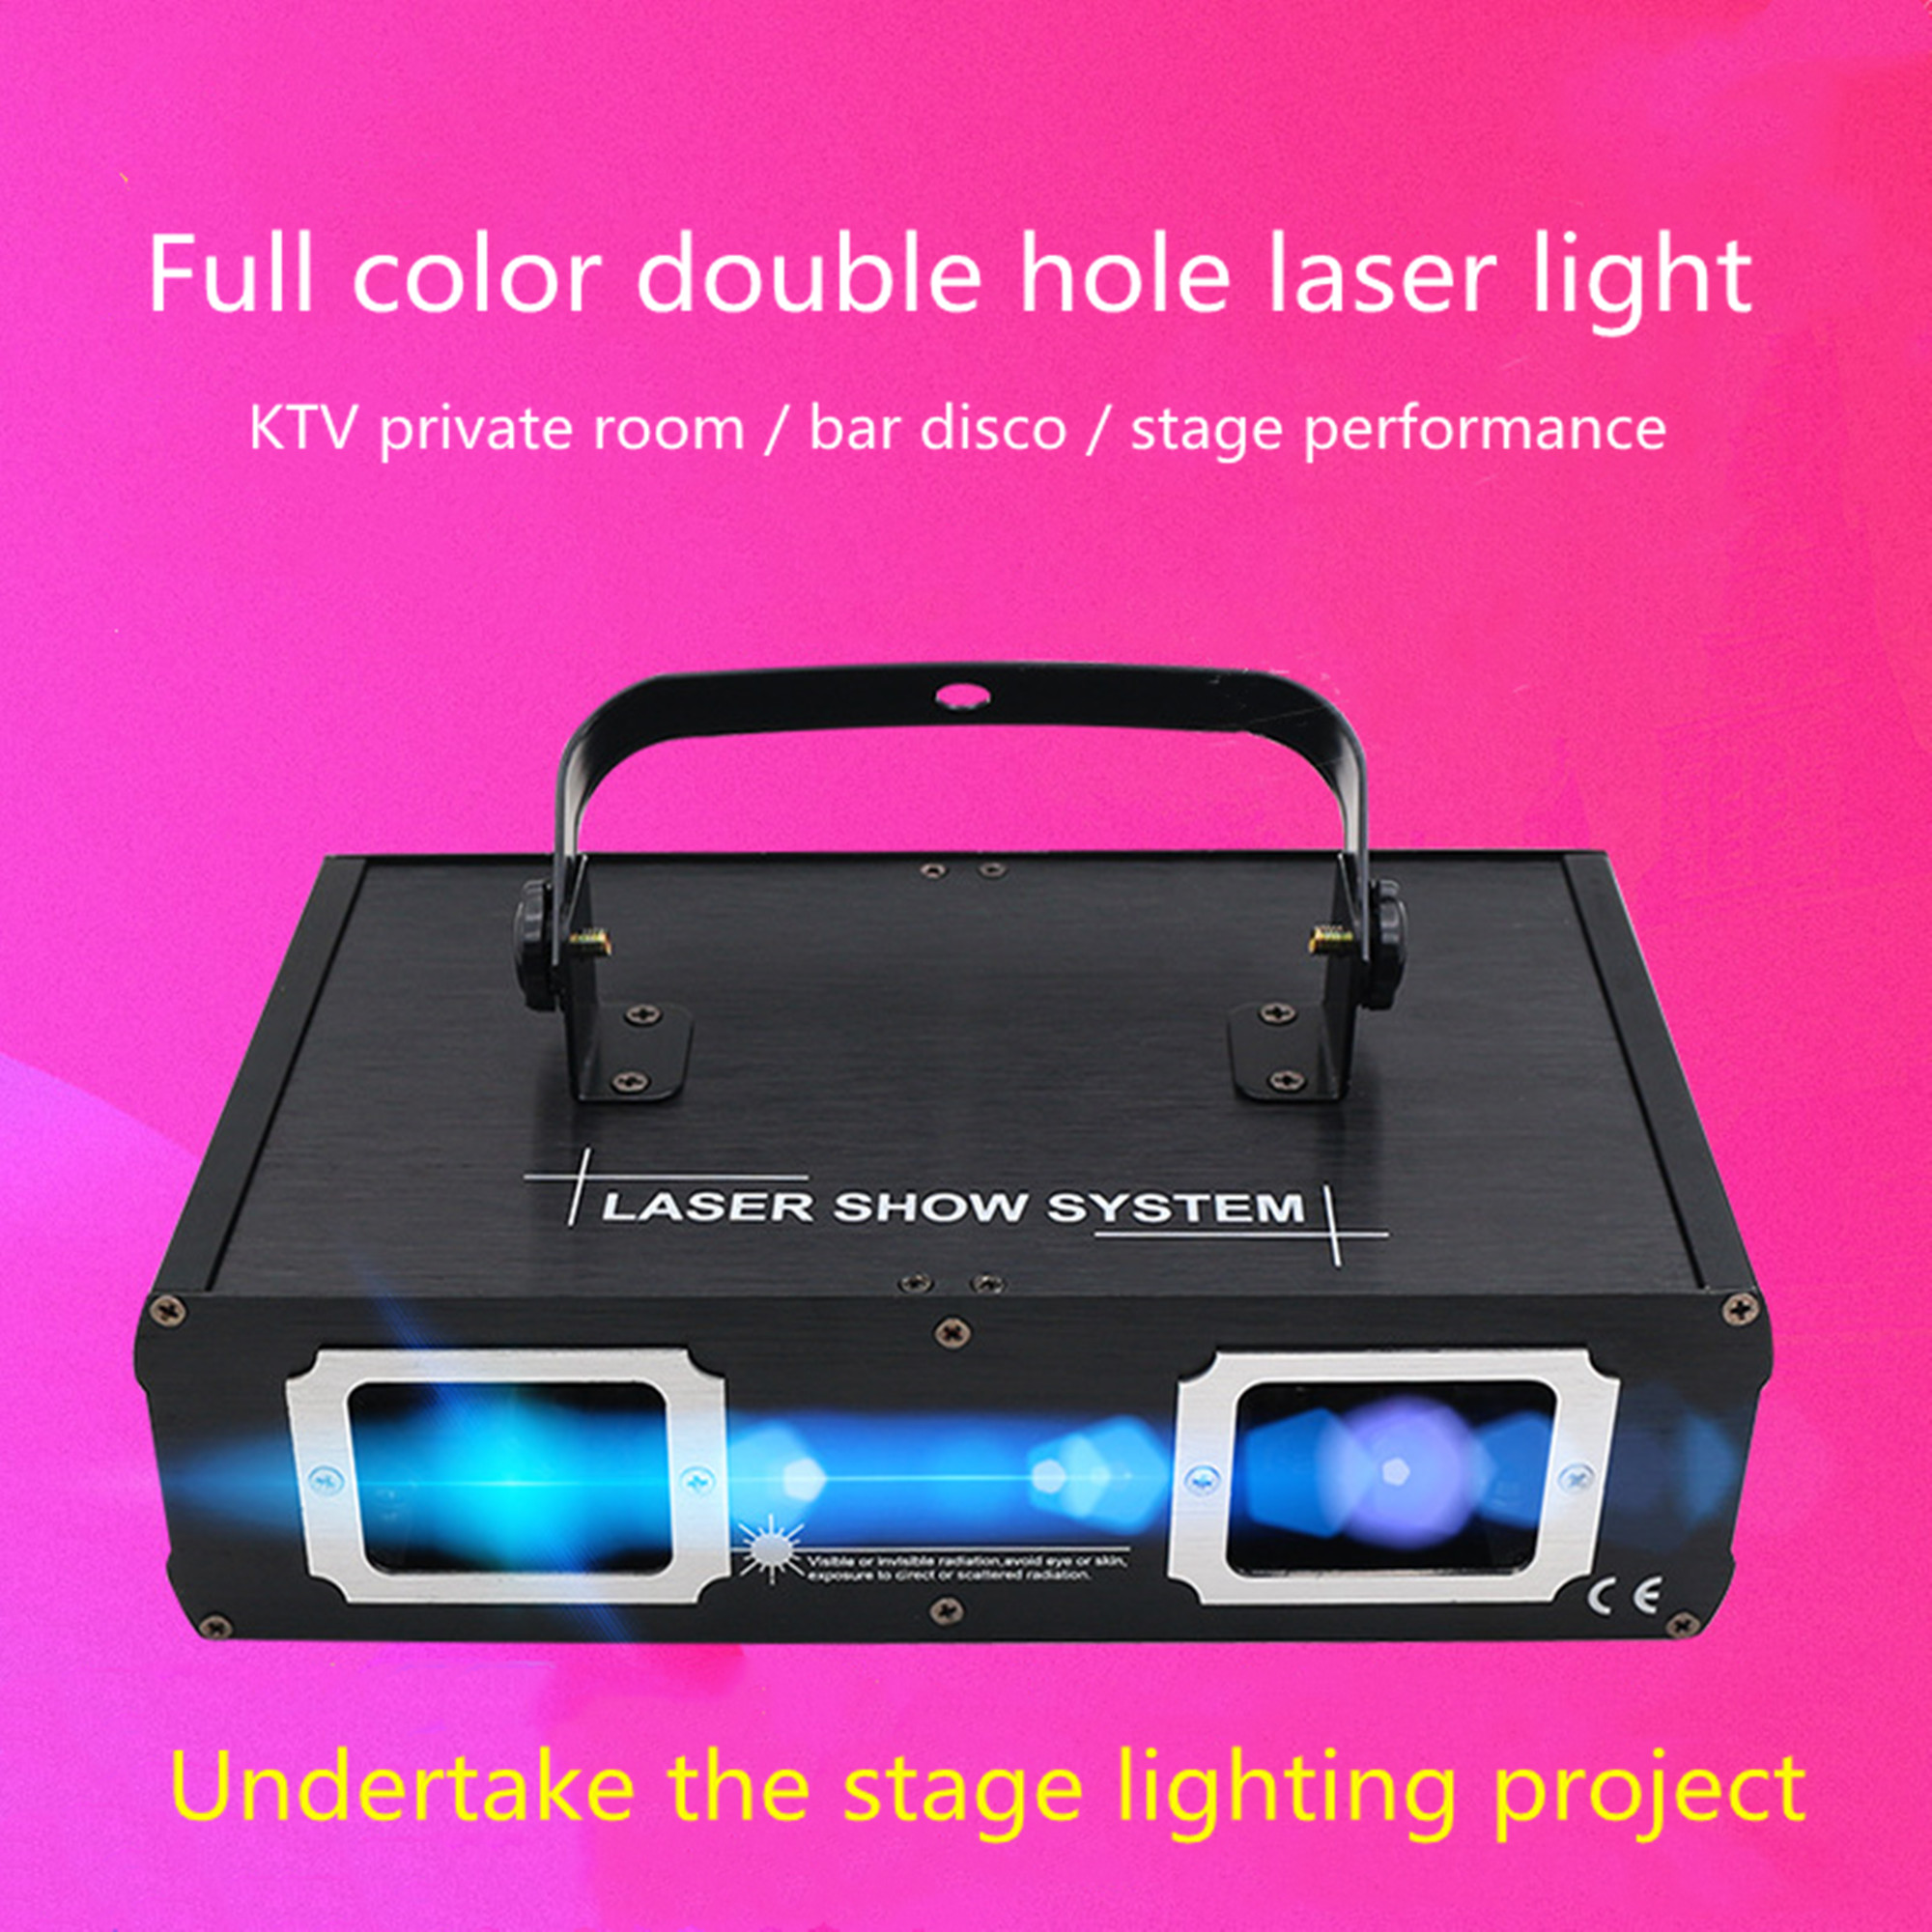 ALIEN Doppel Loch Disco DJ Laser Strahl Linie Scanner Projektor RGB DMX512 Bühne Beleuchtung Wirkung Dance Bar Xmas Party Hochzeit licht